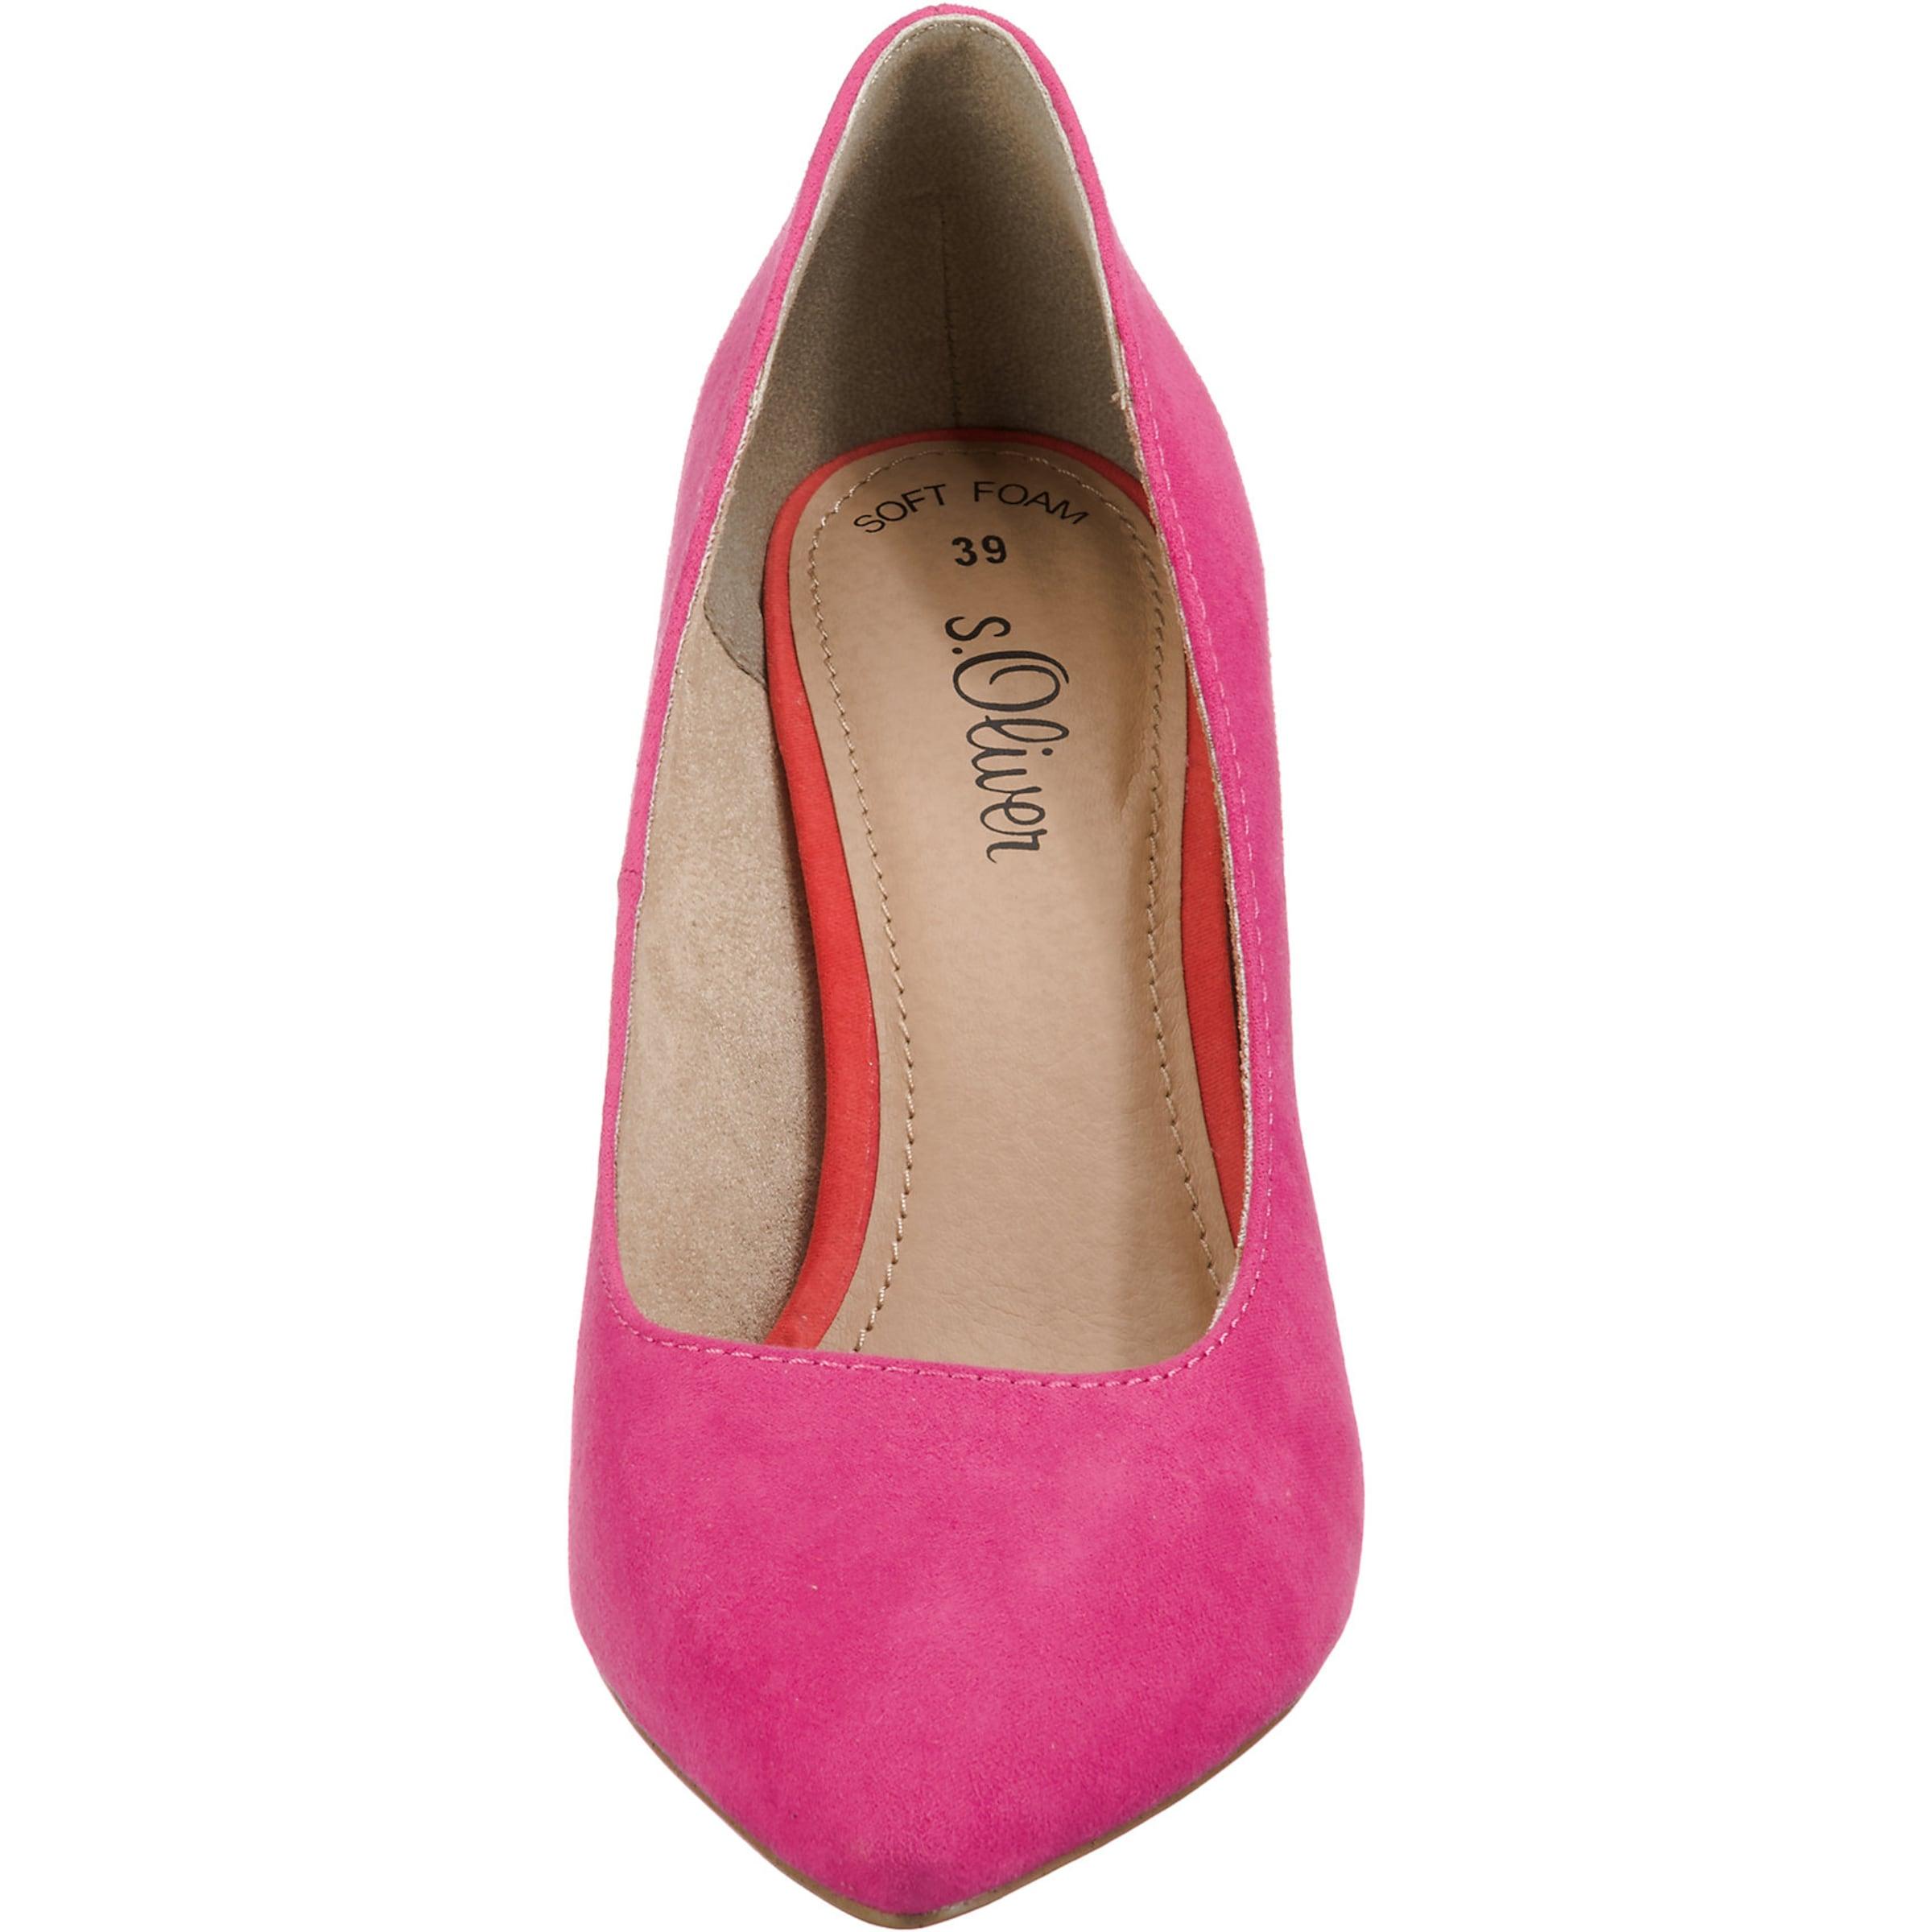 S Pumps In oliver oliver Pumps S S In Pink Pink TOiPkXZu